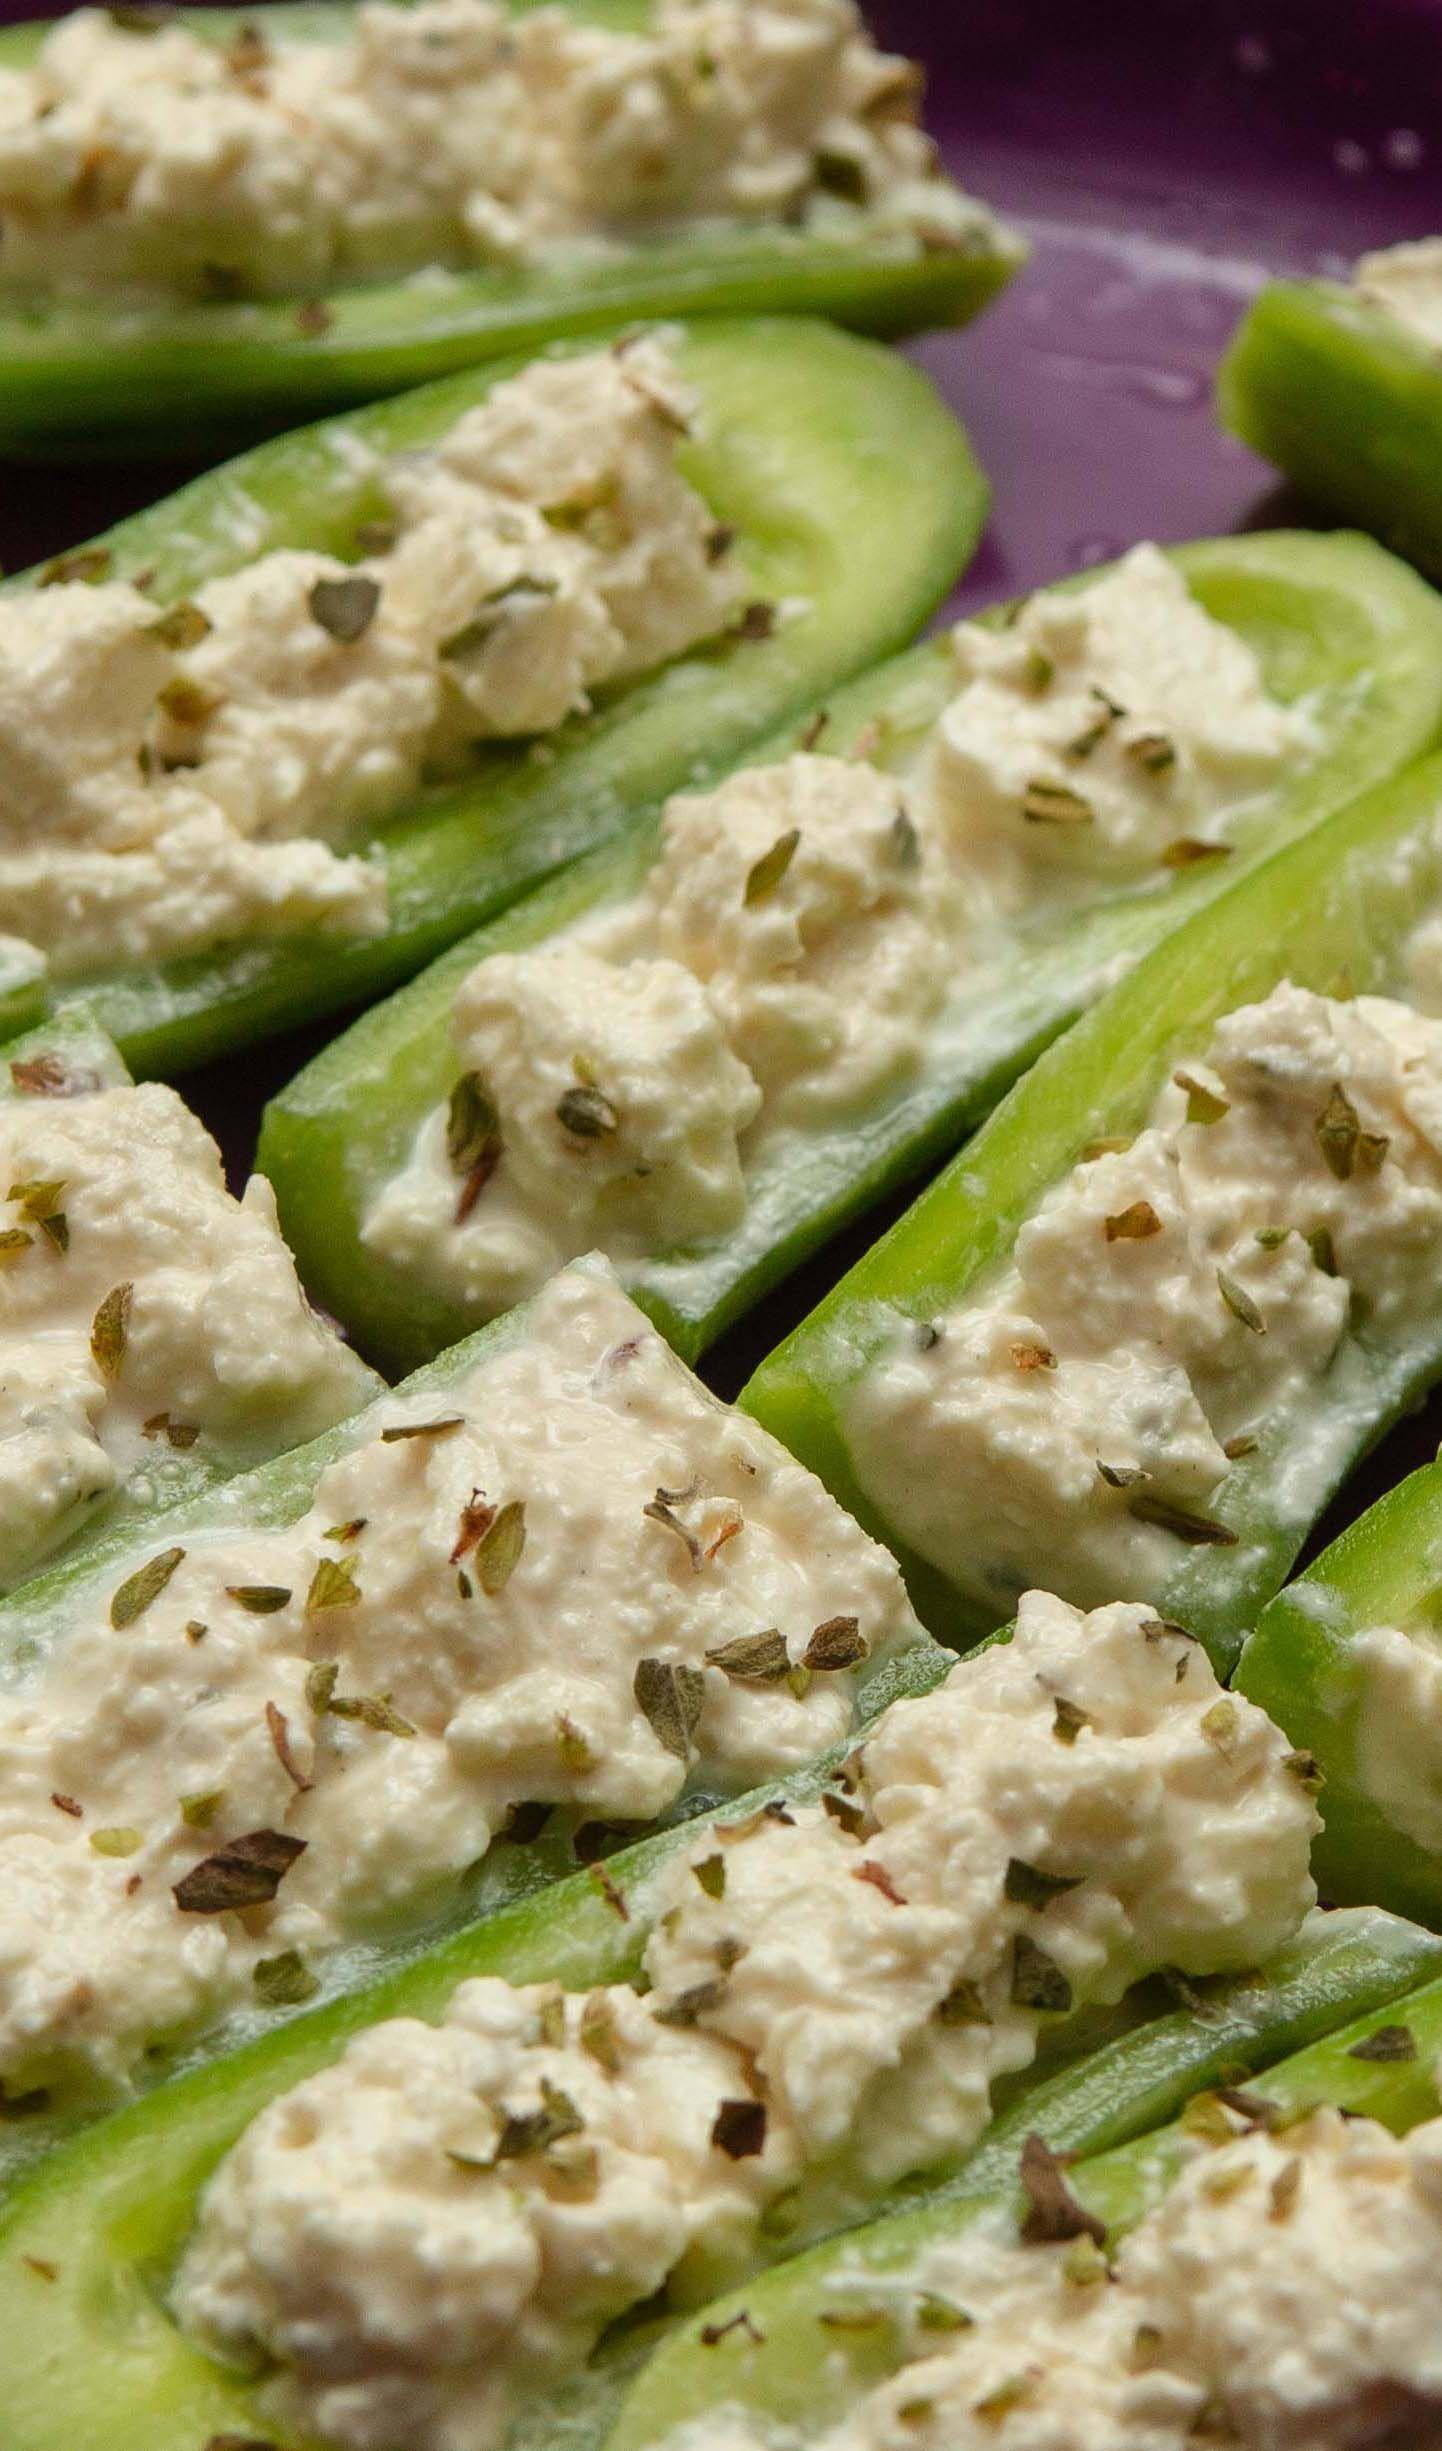 Recette pour cuisiner avec les enfants : mini-concombres menthe et feta   Recette   Recettes de ...